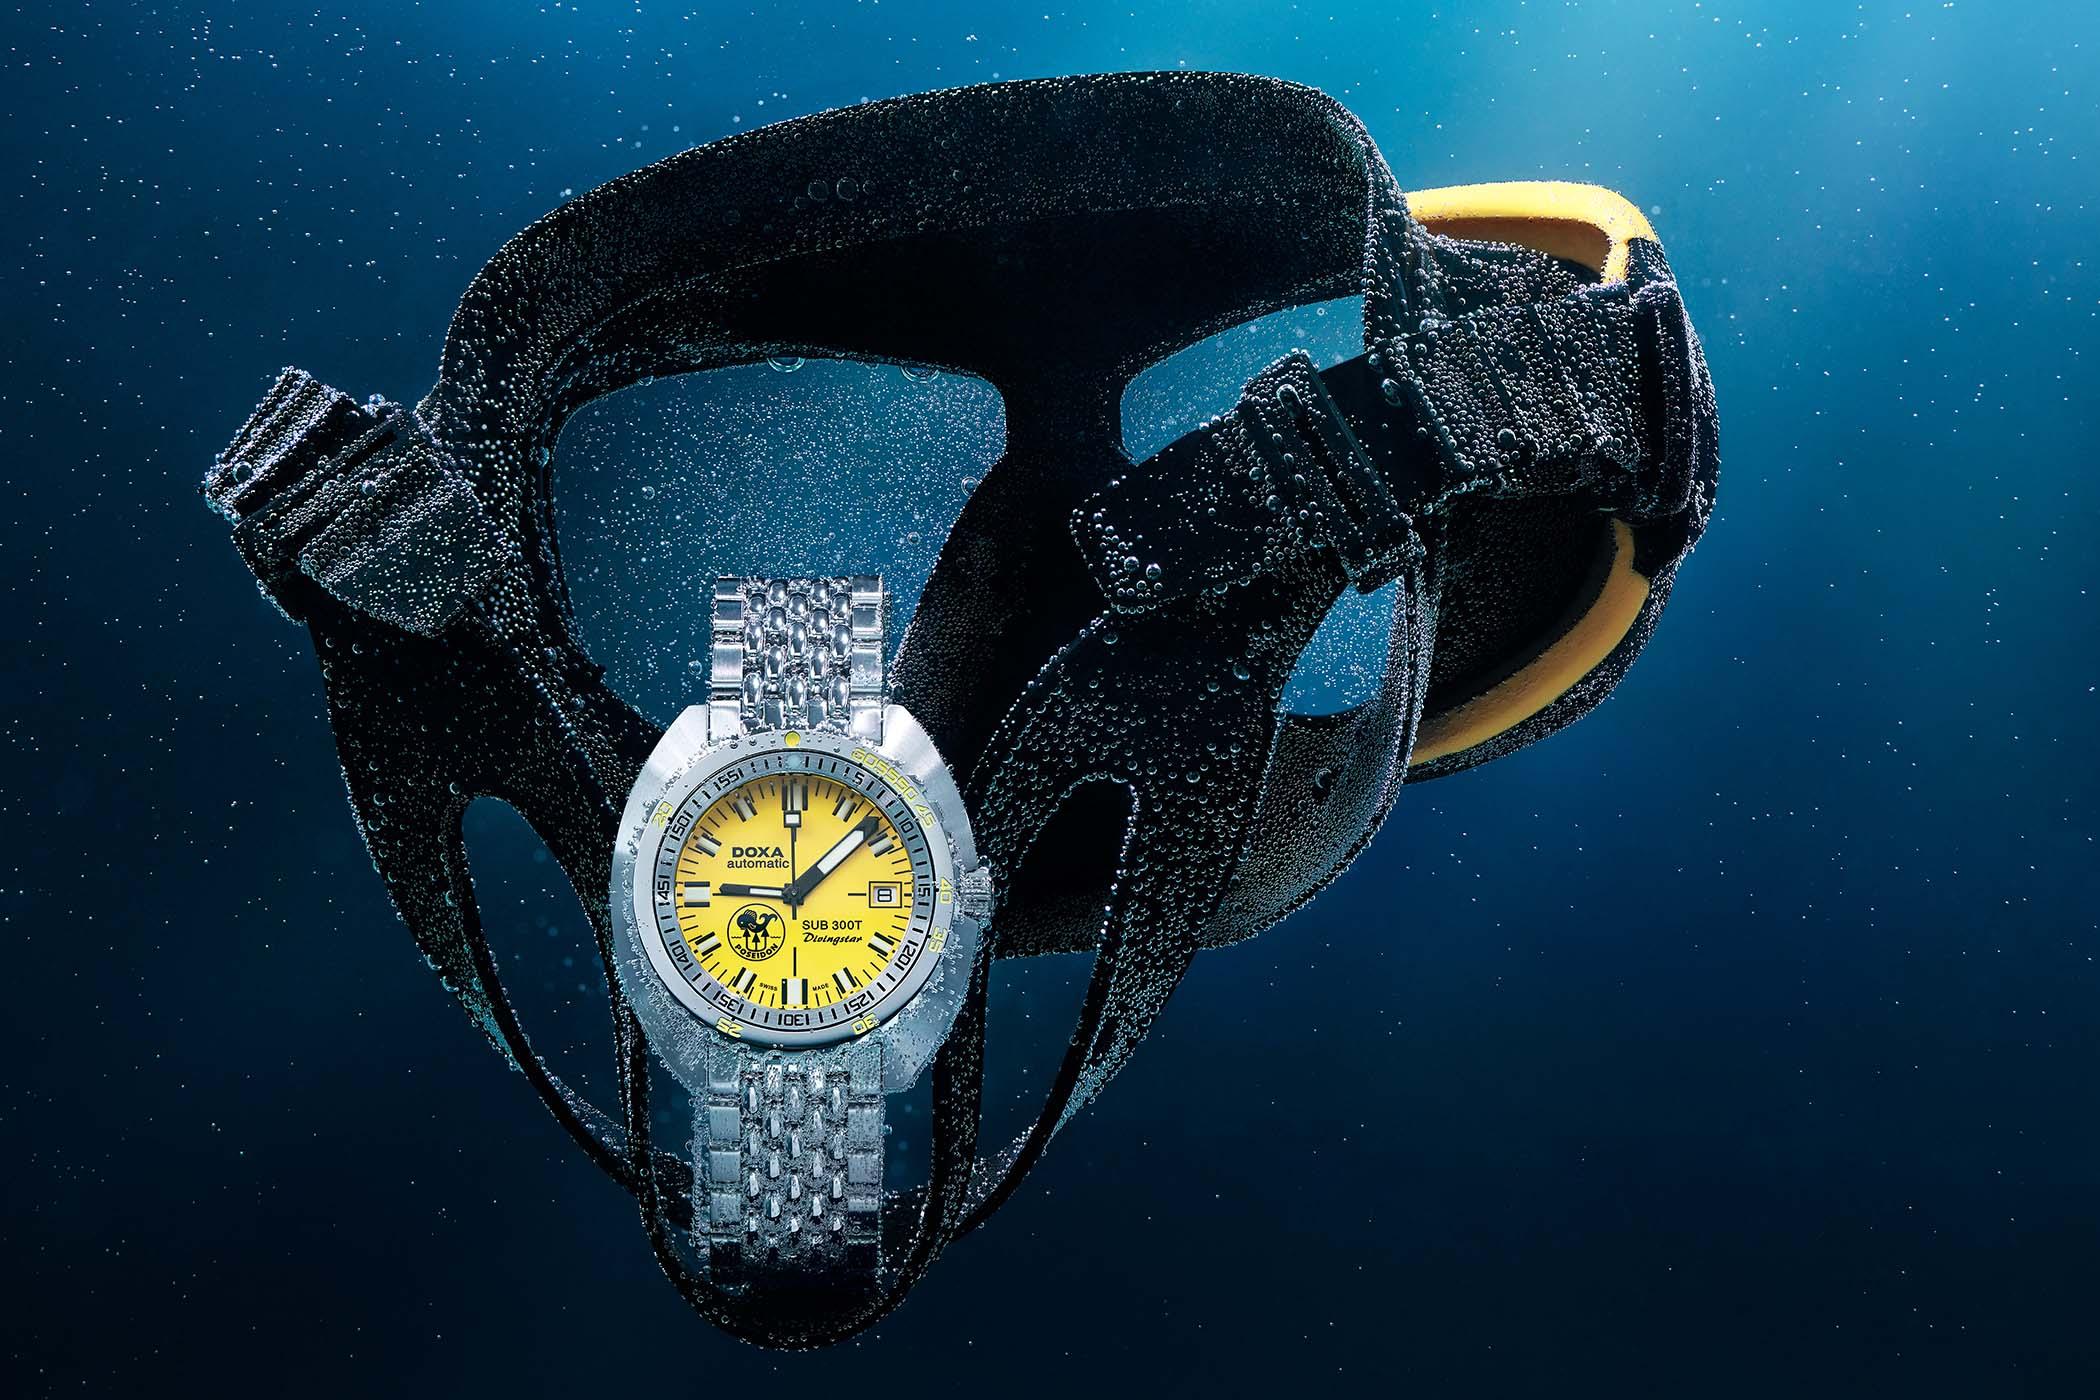 Doxa 300T Divingstar Poseidon Edition